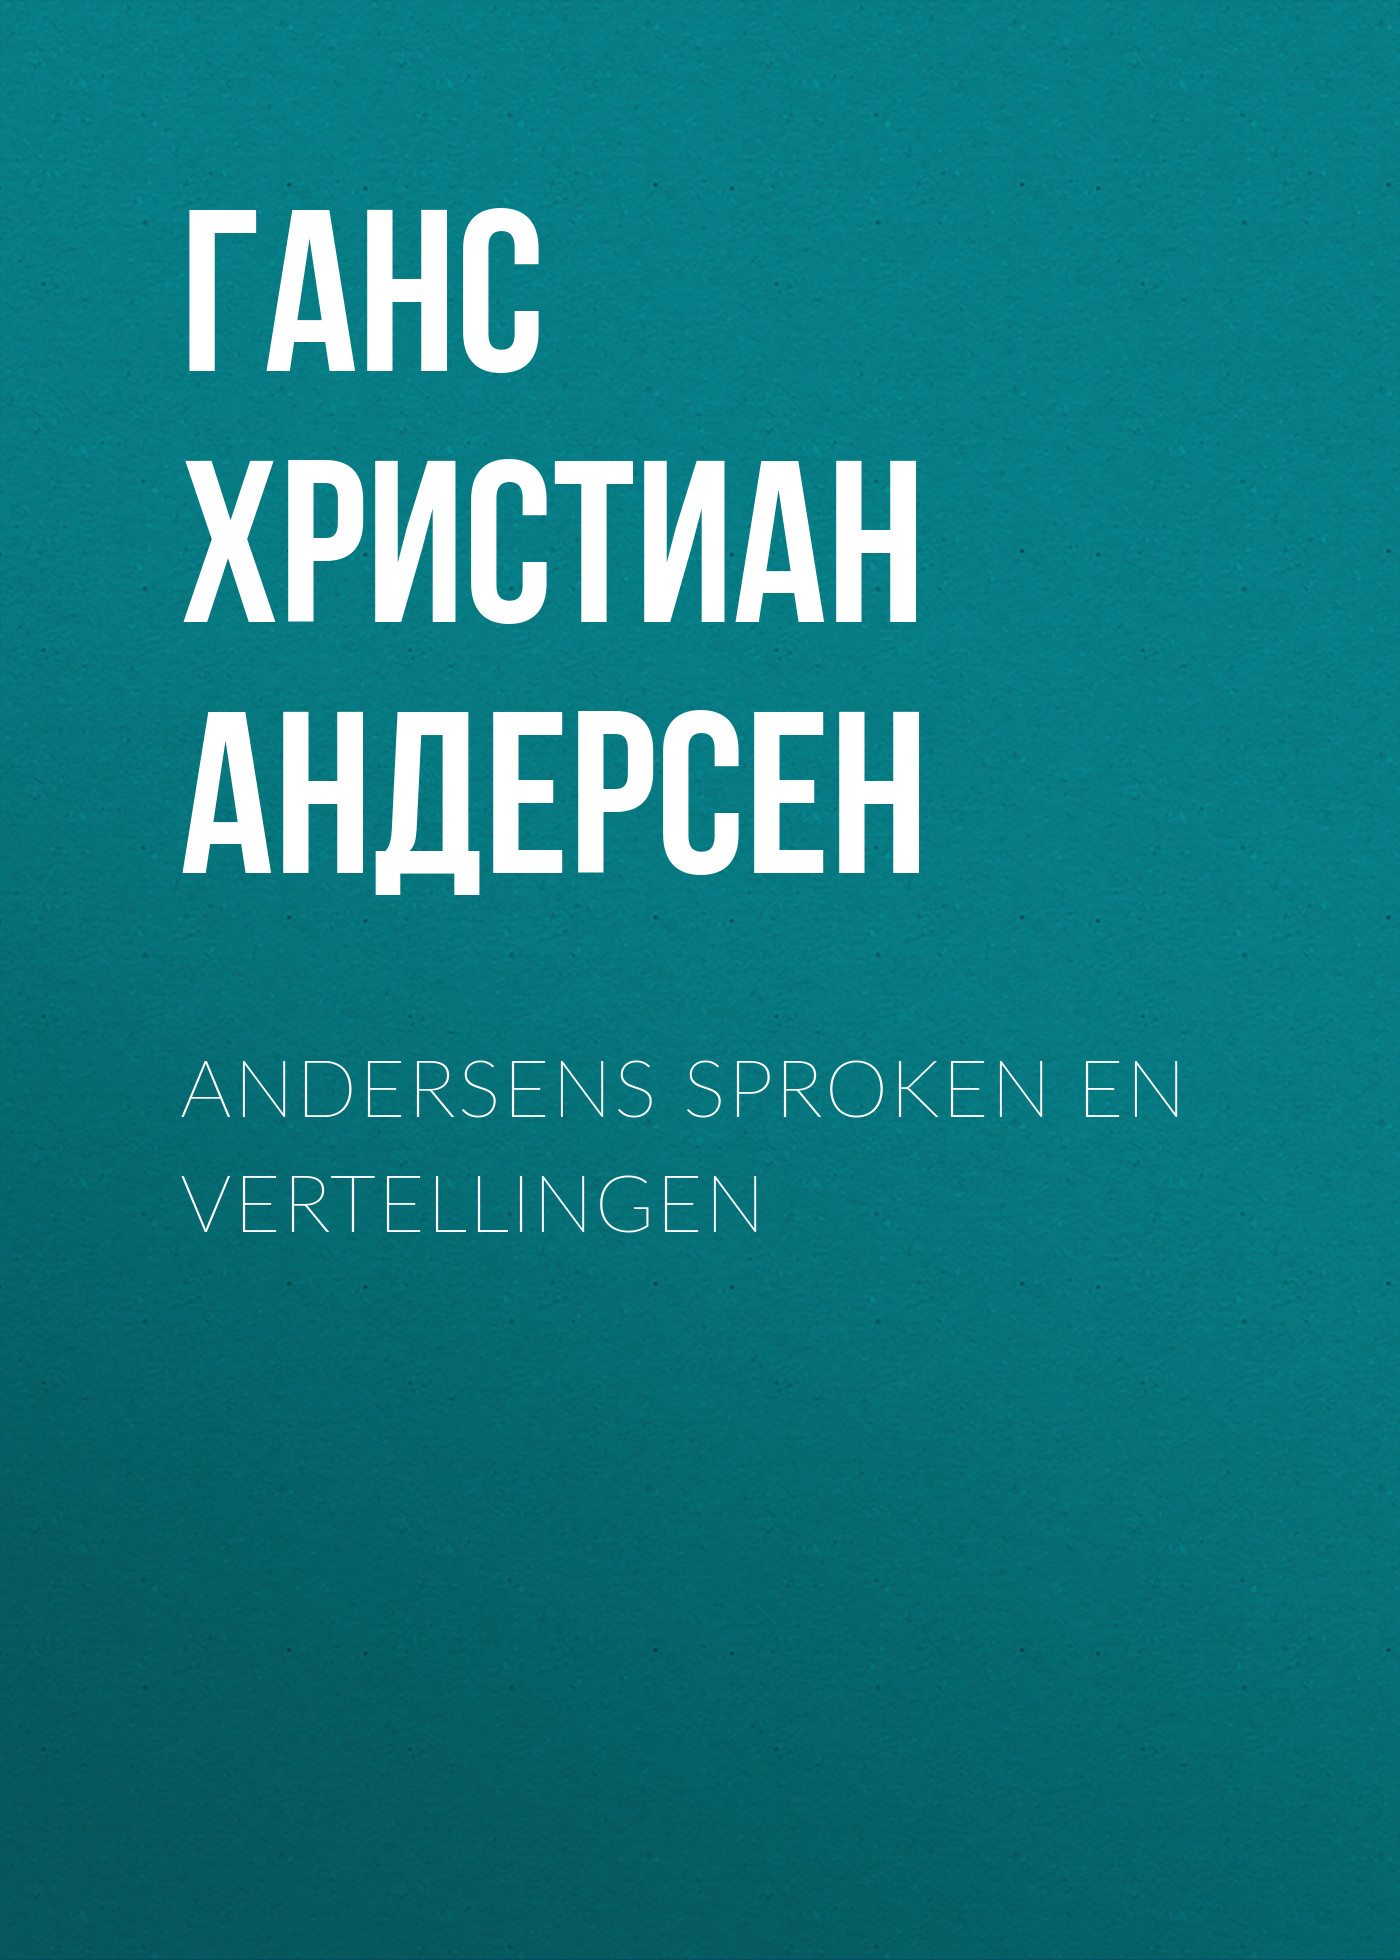 Ганс Христиан Андерсен Andersens Sproken en vertellingen ганс христиан андерсен contes merveilleux tome ii